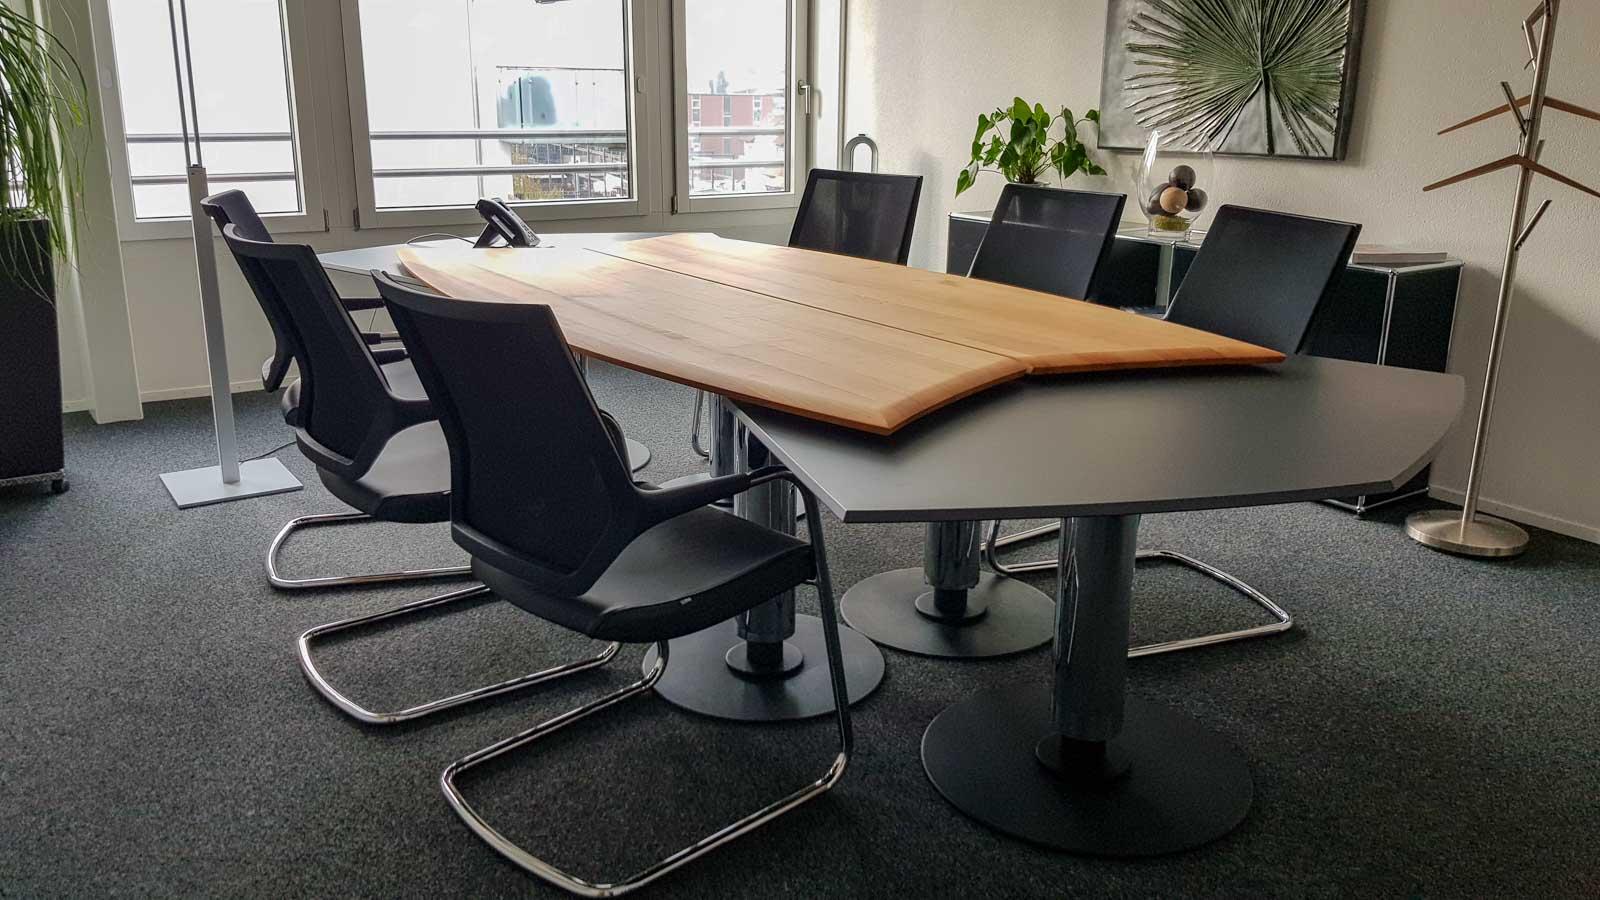 Wooddesign_Tisch_rund_Kirschbaum massiv_Tischverlängerung anthrazit_Sitzungstisch (3)